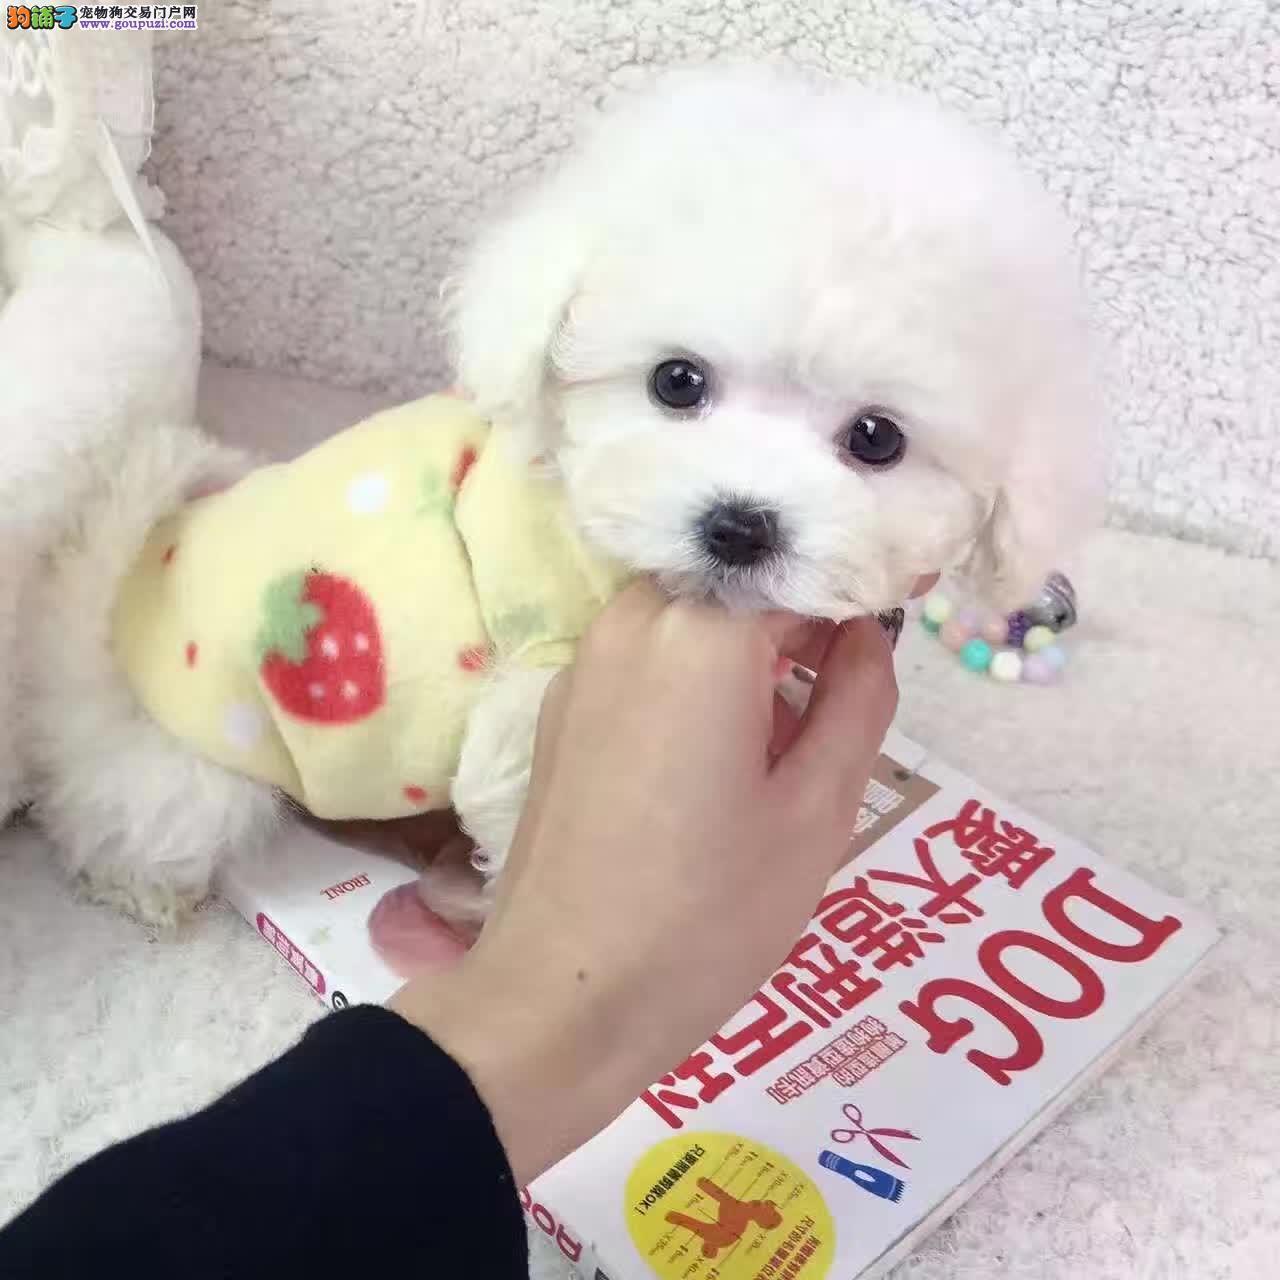 七宠犬舍出售幼犬包纯种健康,支持狗到付款